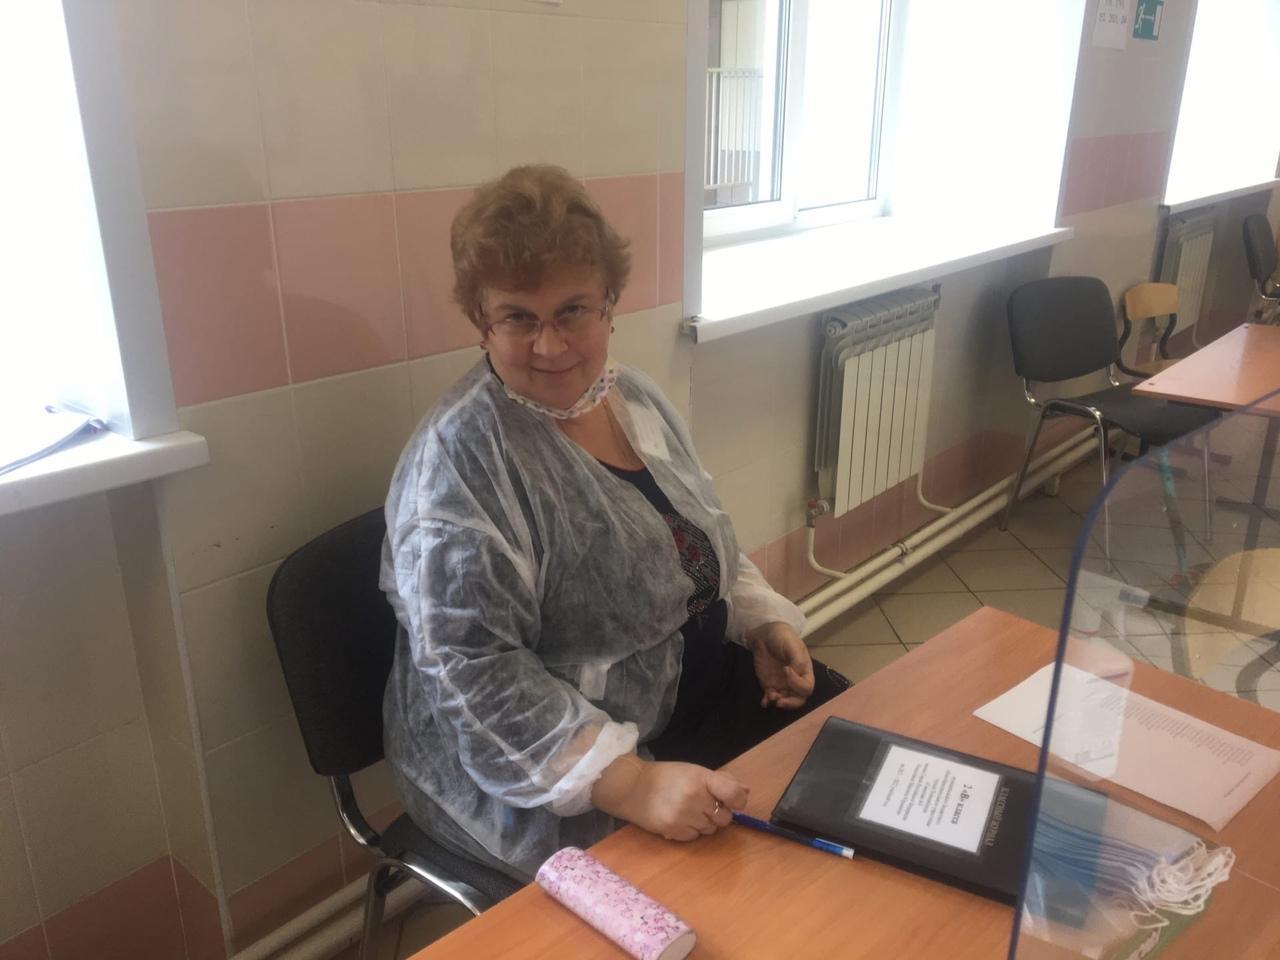 Фото Выборы в Новосибирске: онлайн дня голосования за депутатов Госдумы 19 сентября 2021 года 63